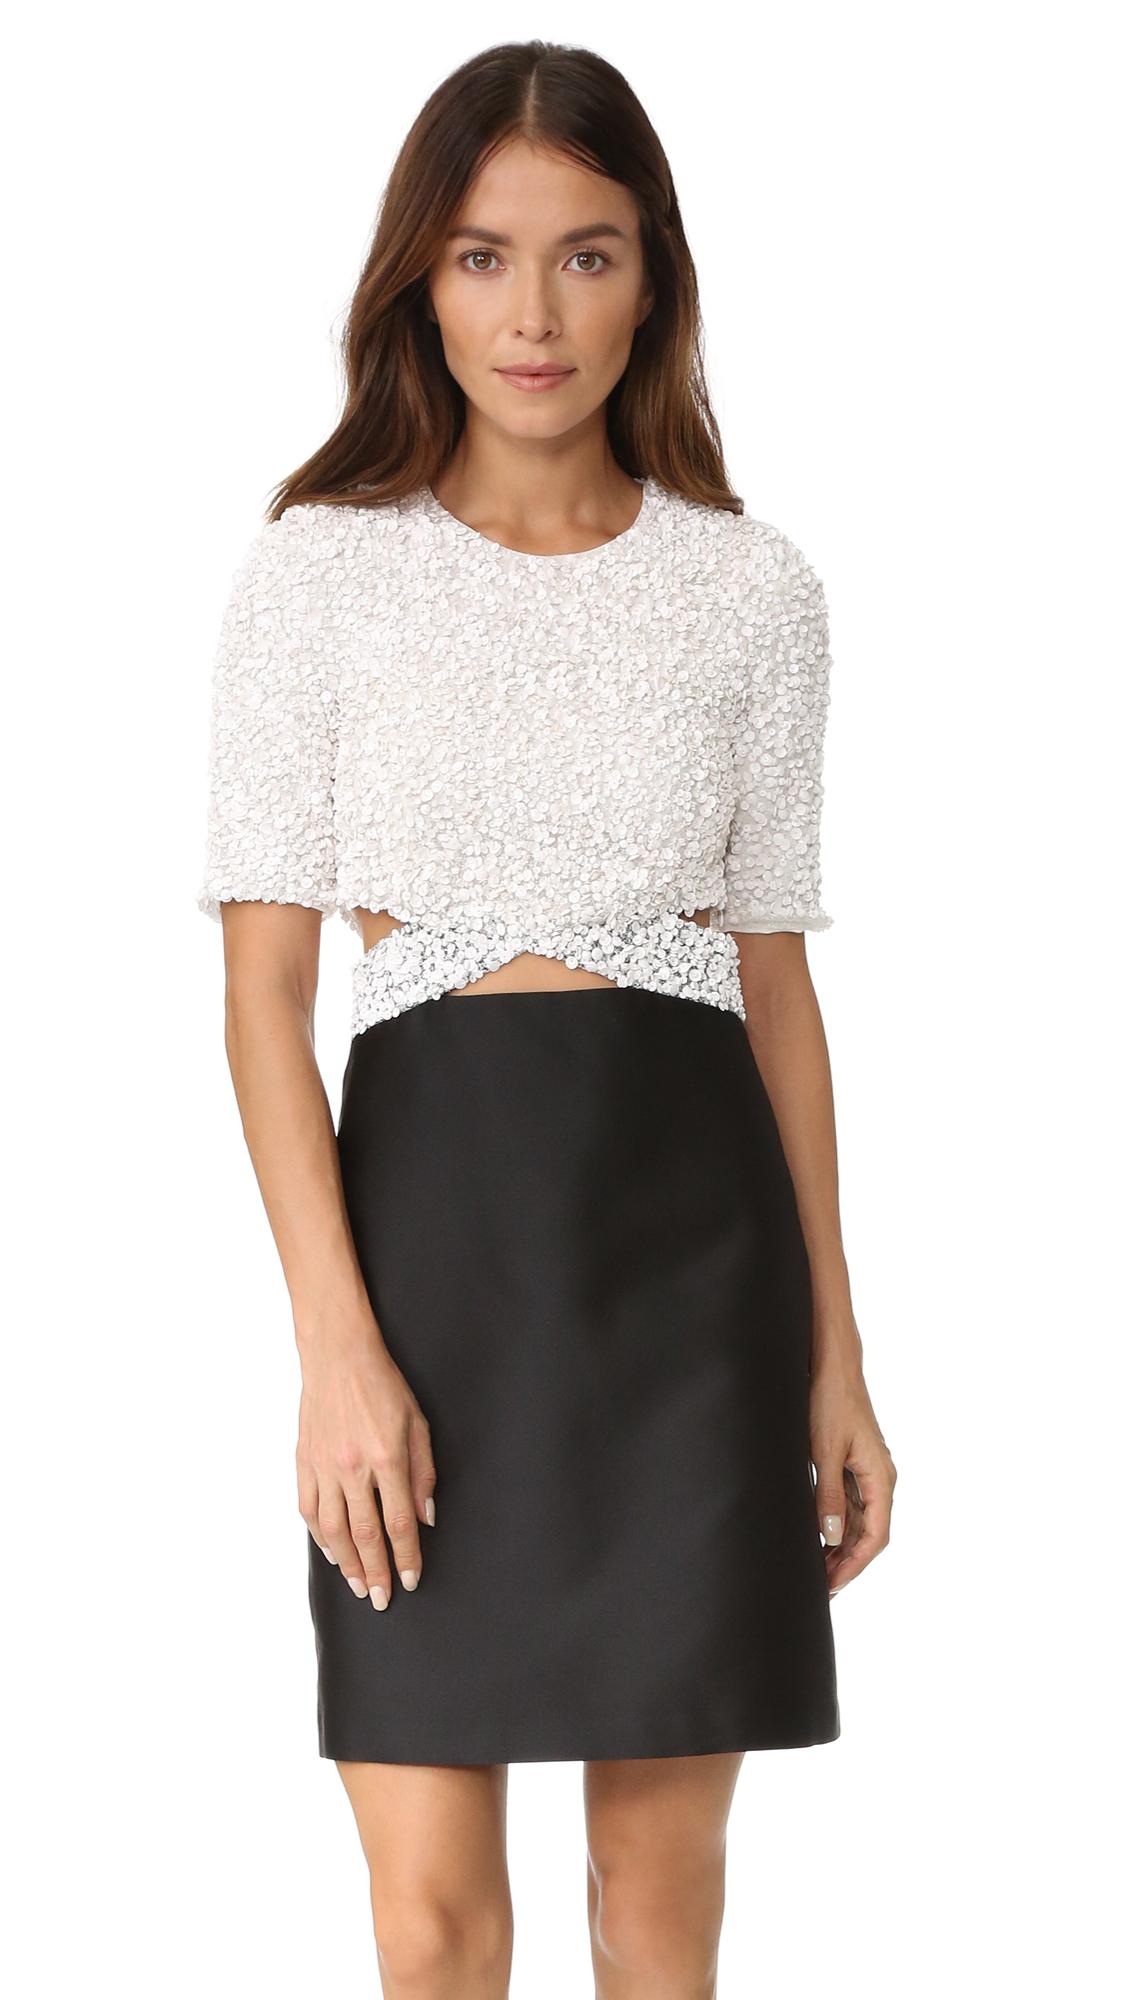 3.1 Phillip Lim Short Sleeve Cluster Sequin Dress - White